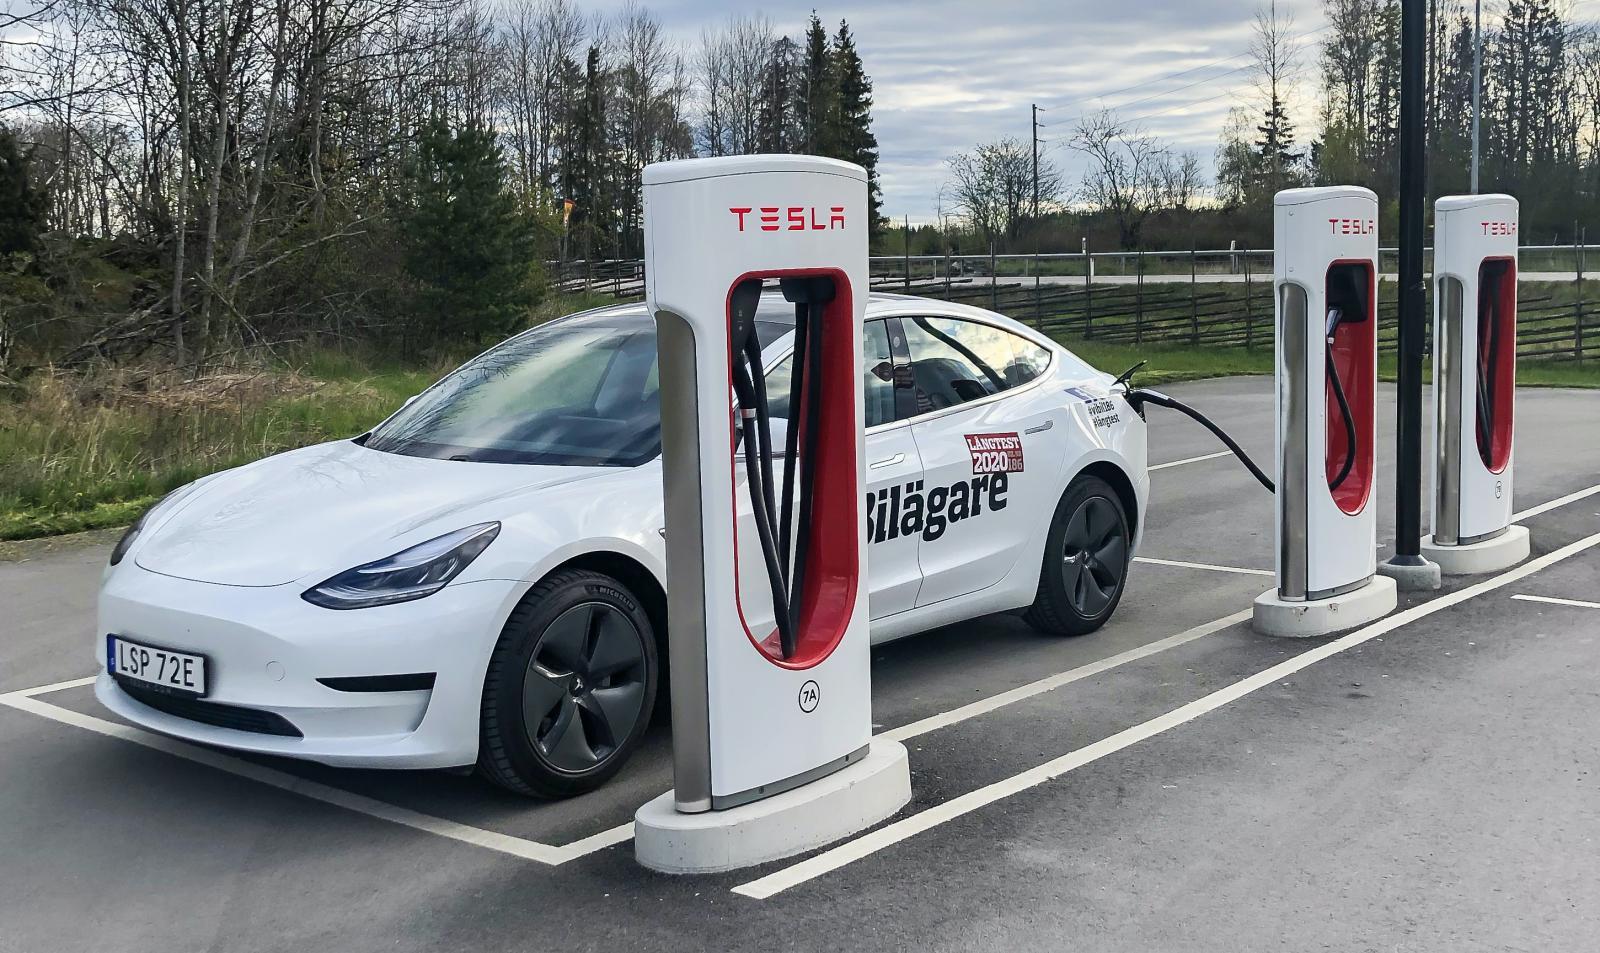 Den som köper en Tesla betalar ofta ett högre inköpspris än för vissa andra elbilar. Men å andra sidan blir snabbladdningen billigare.